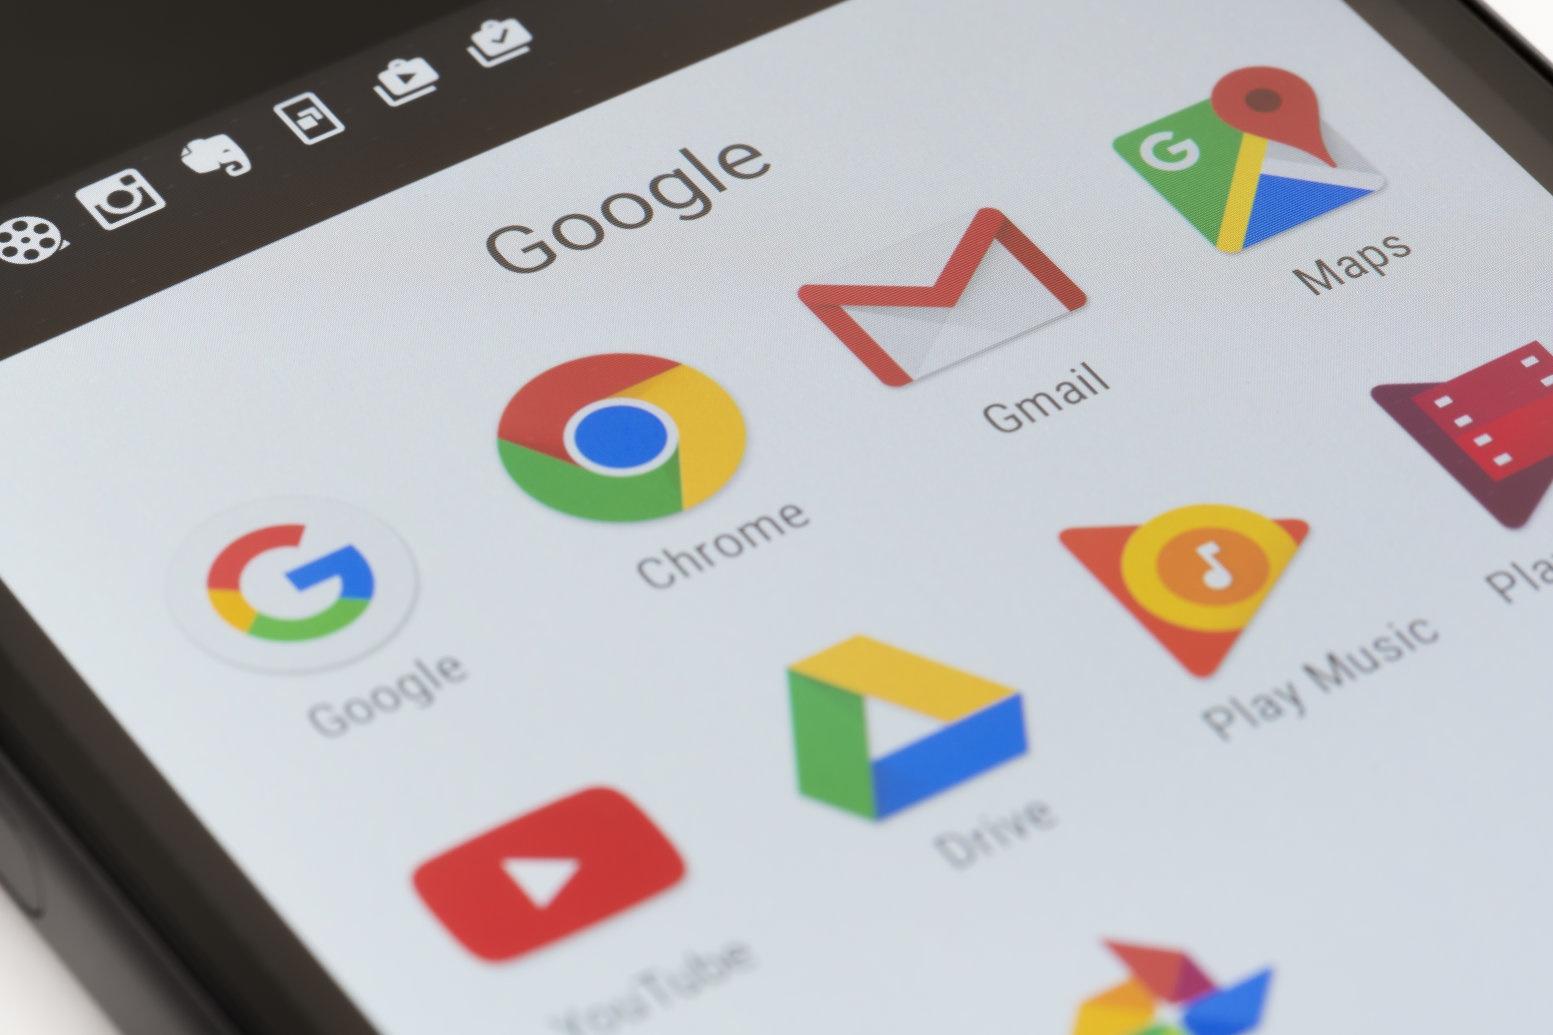 Barra de buscas da Google começa a ganhar novo visual no Android